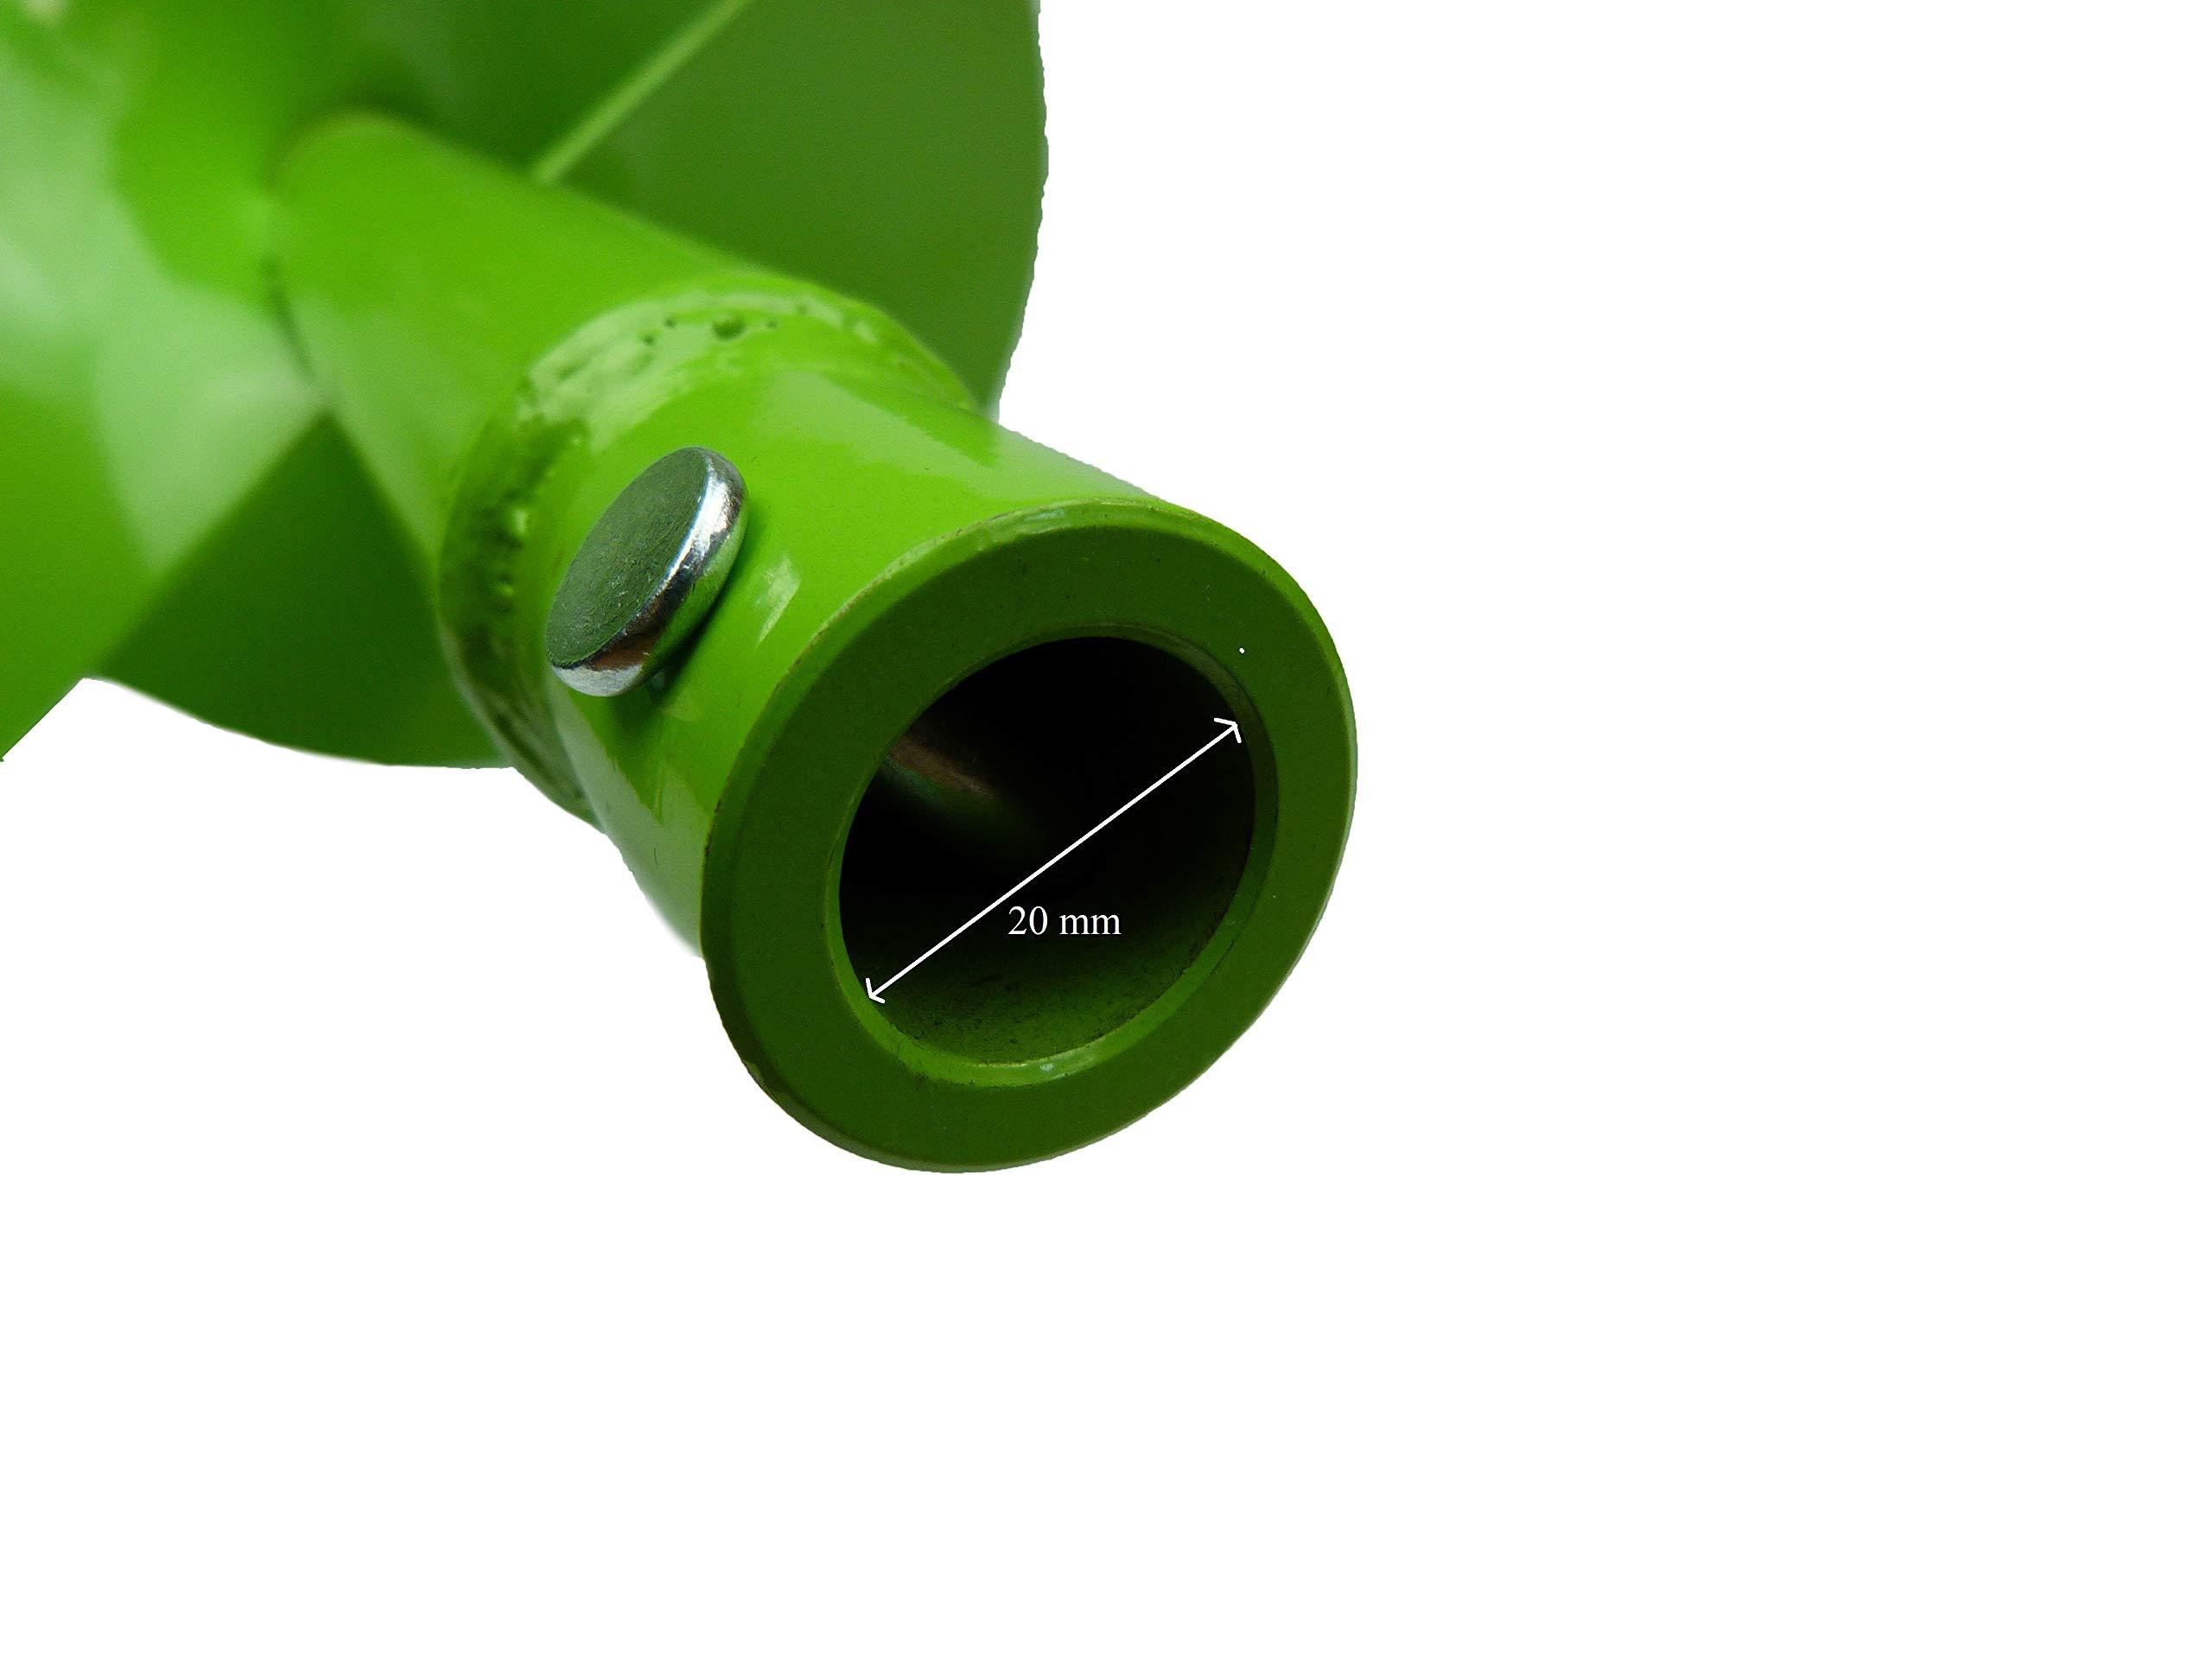 WERHE-Profi-Bohrer-fr-Erdbohrer-80-mm-Pfahlbohrer-Brunnenbohrer-przise-Bohrspitze-Doppelspiral-Hartmetall-eco-Farbe